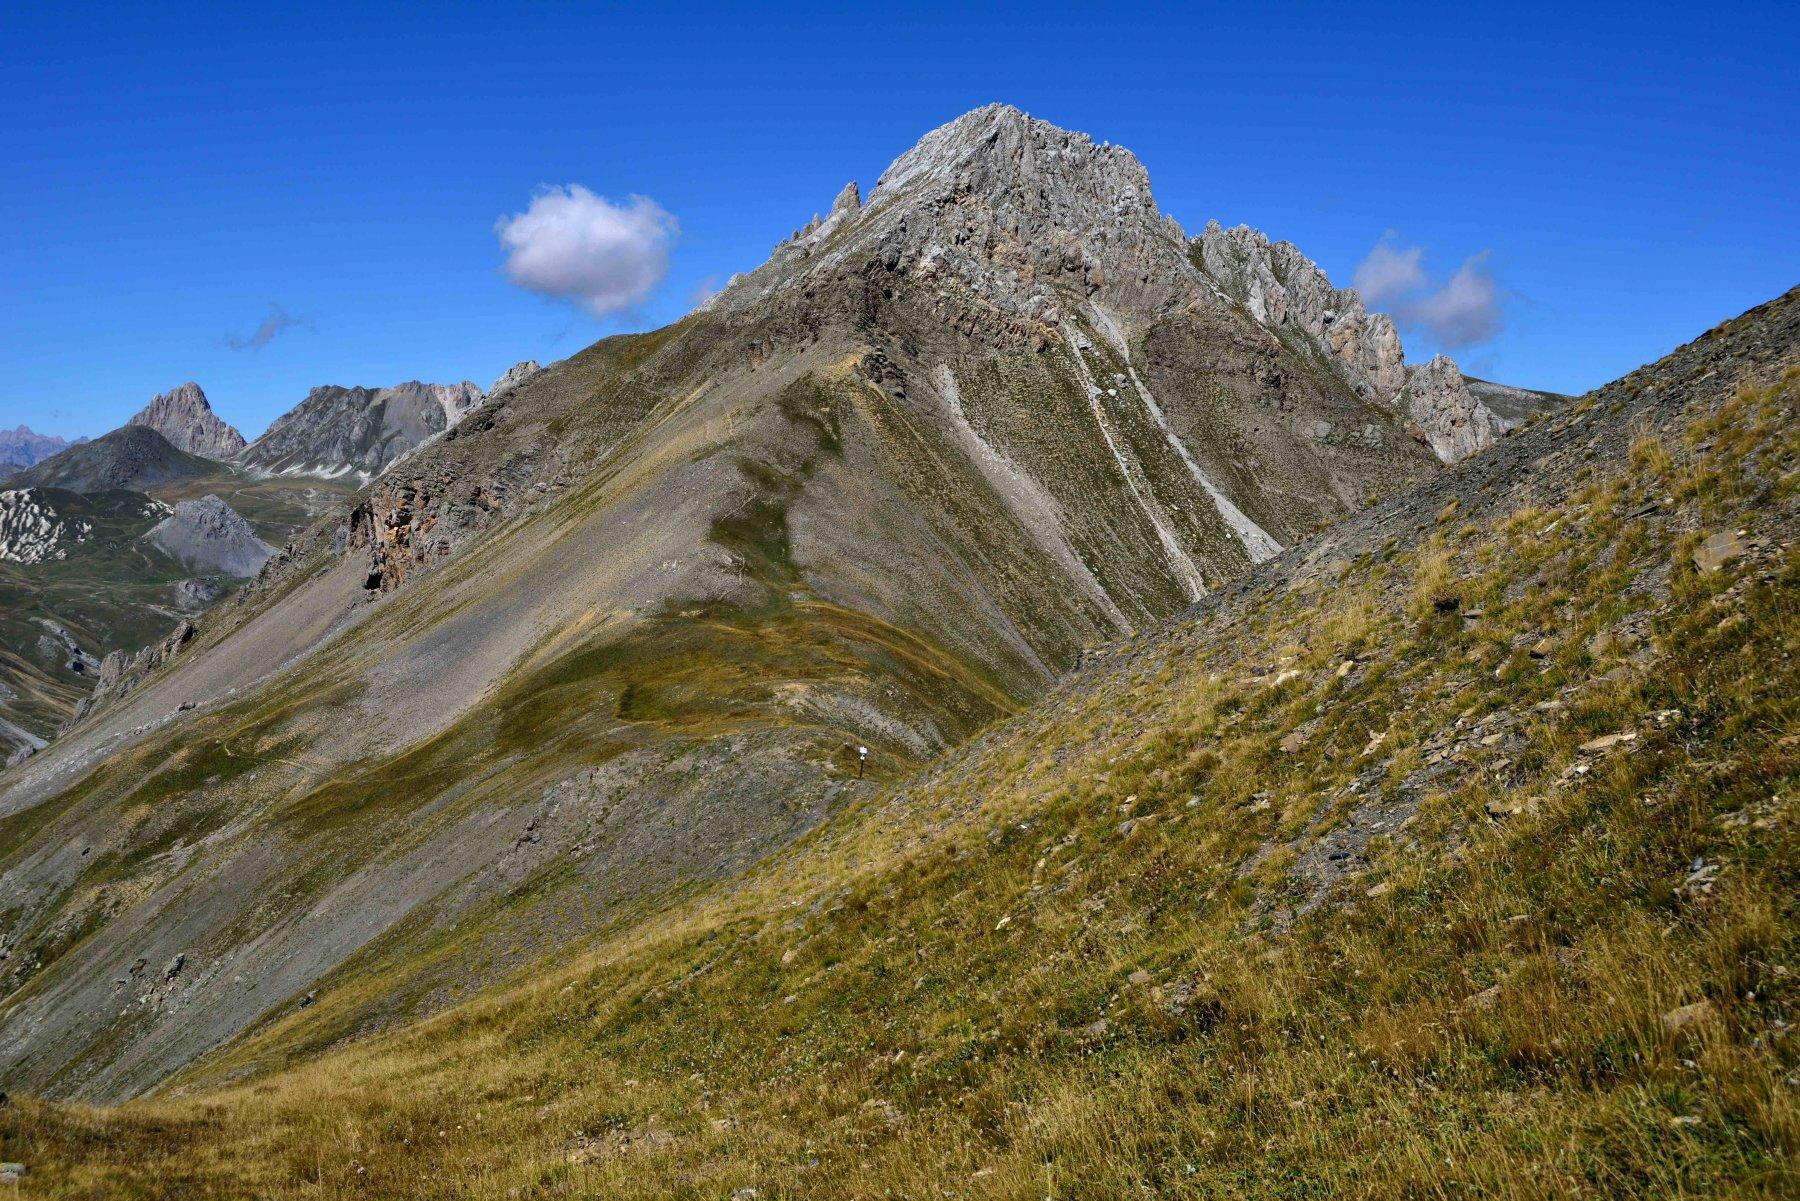 Il monte Sale' con il versante ovest dove passa la traccia di salita (foto del 6/9/2015)